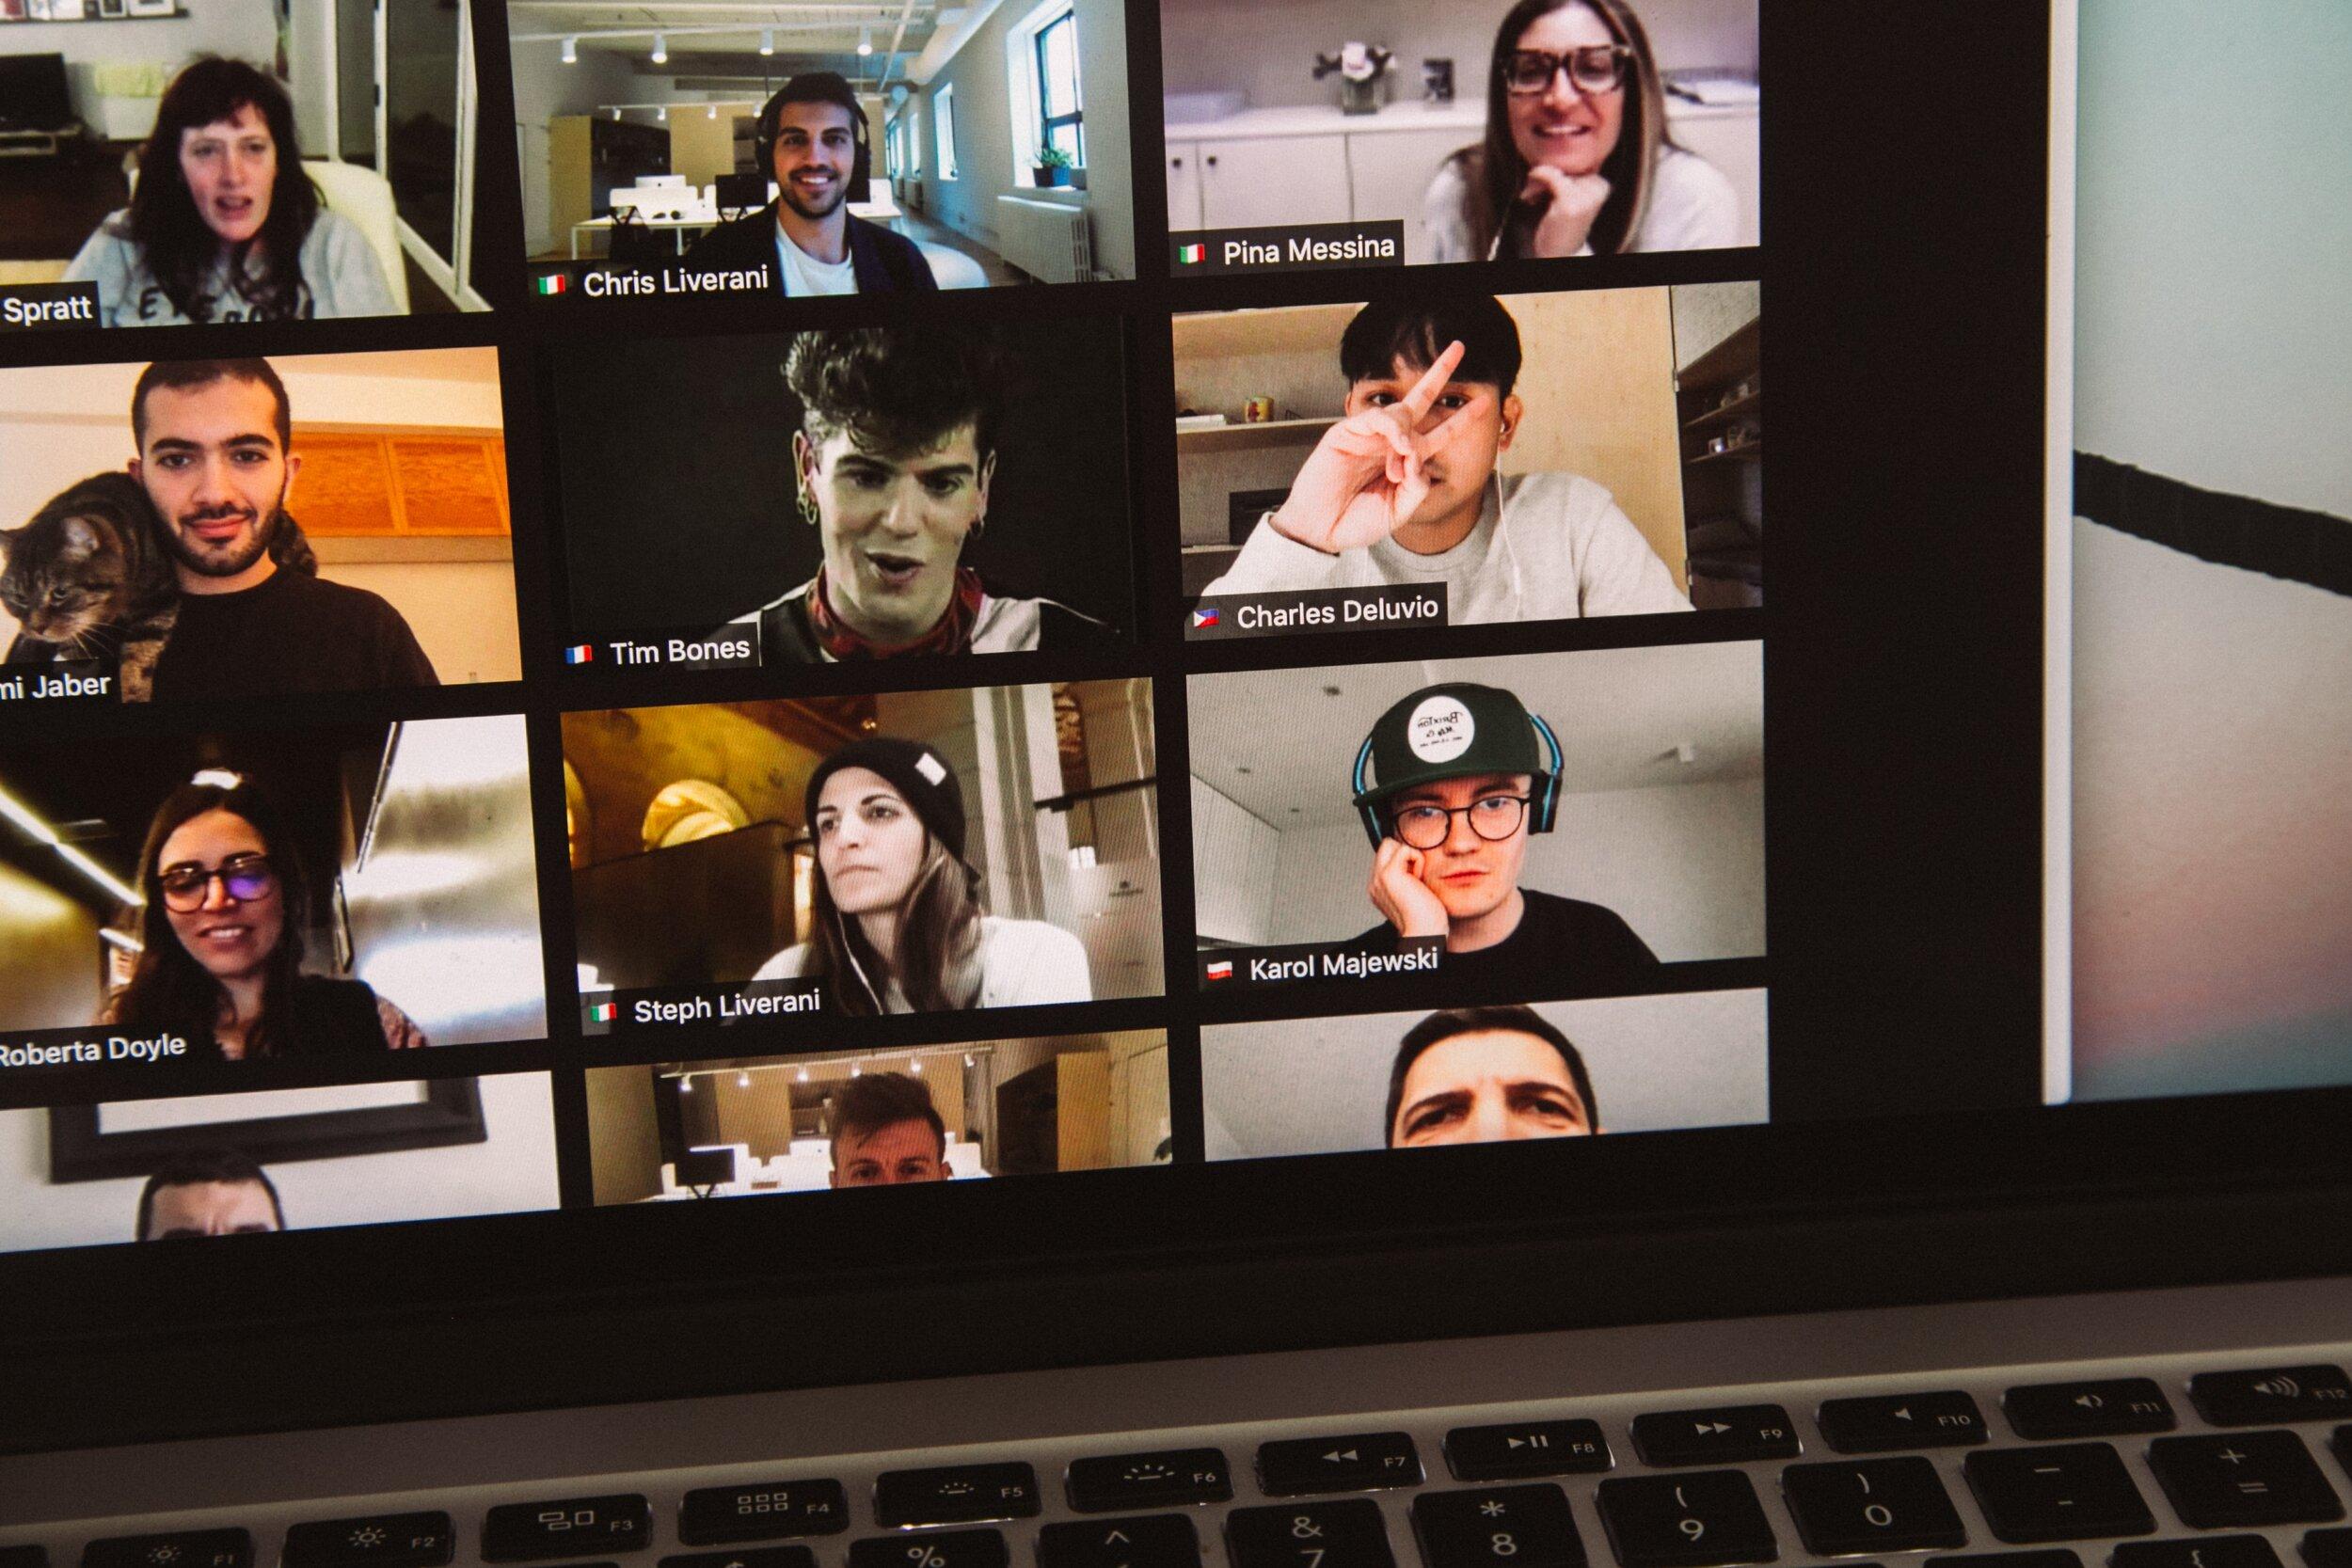 在家工作,视频通话